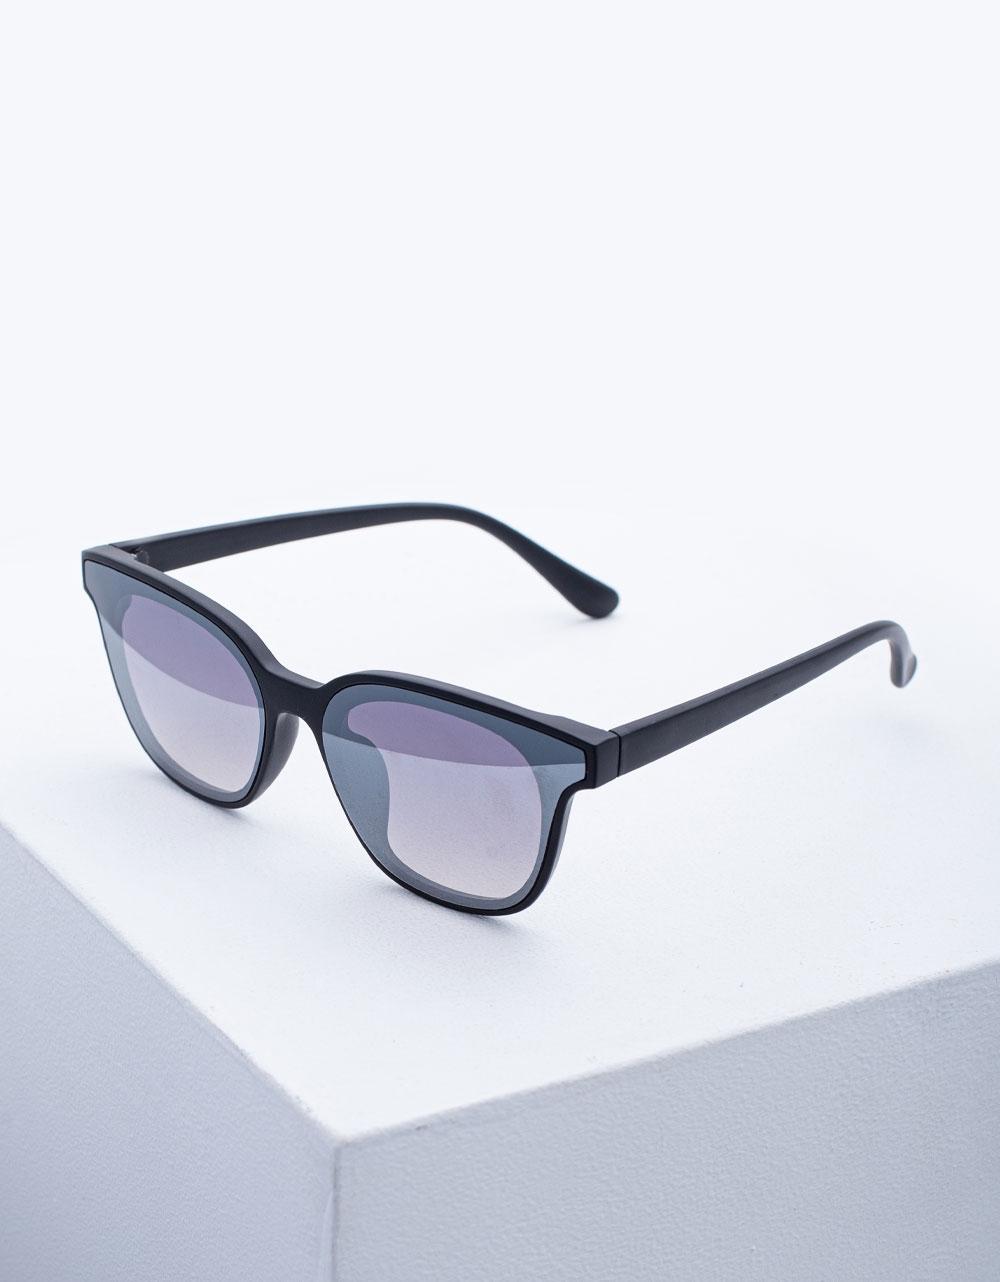 Εικόνα από Γυναικεία γυαλιά ηλίου σε τετράγωνο σχήμα Ασημί